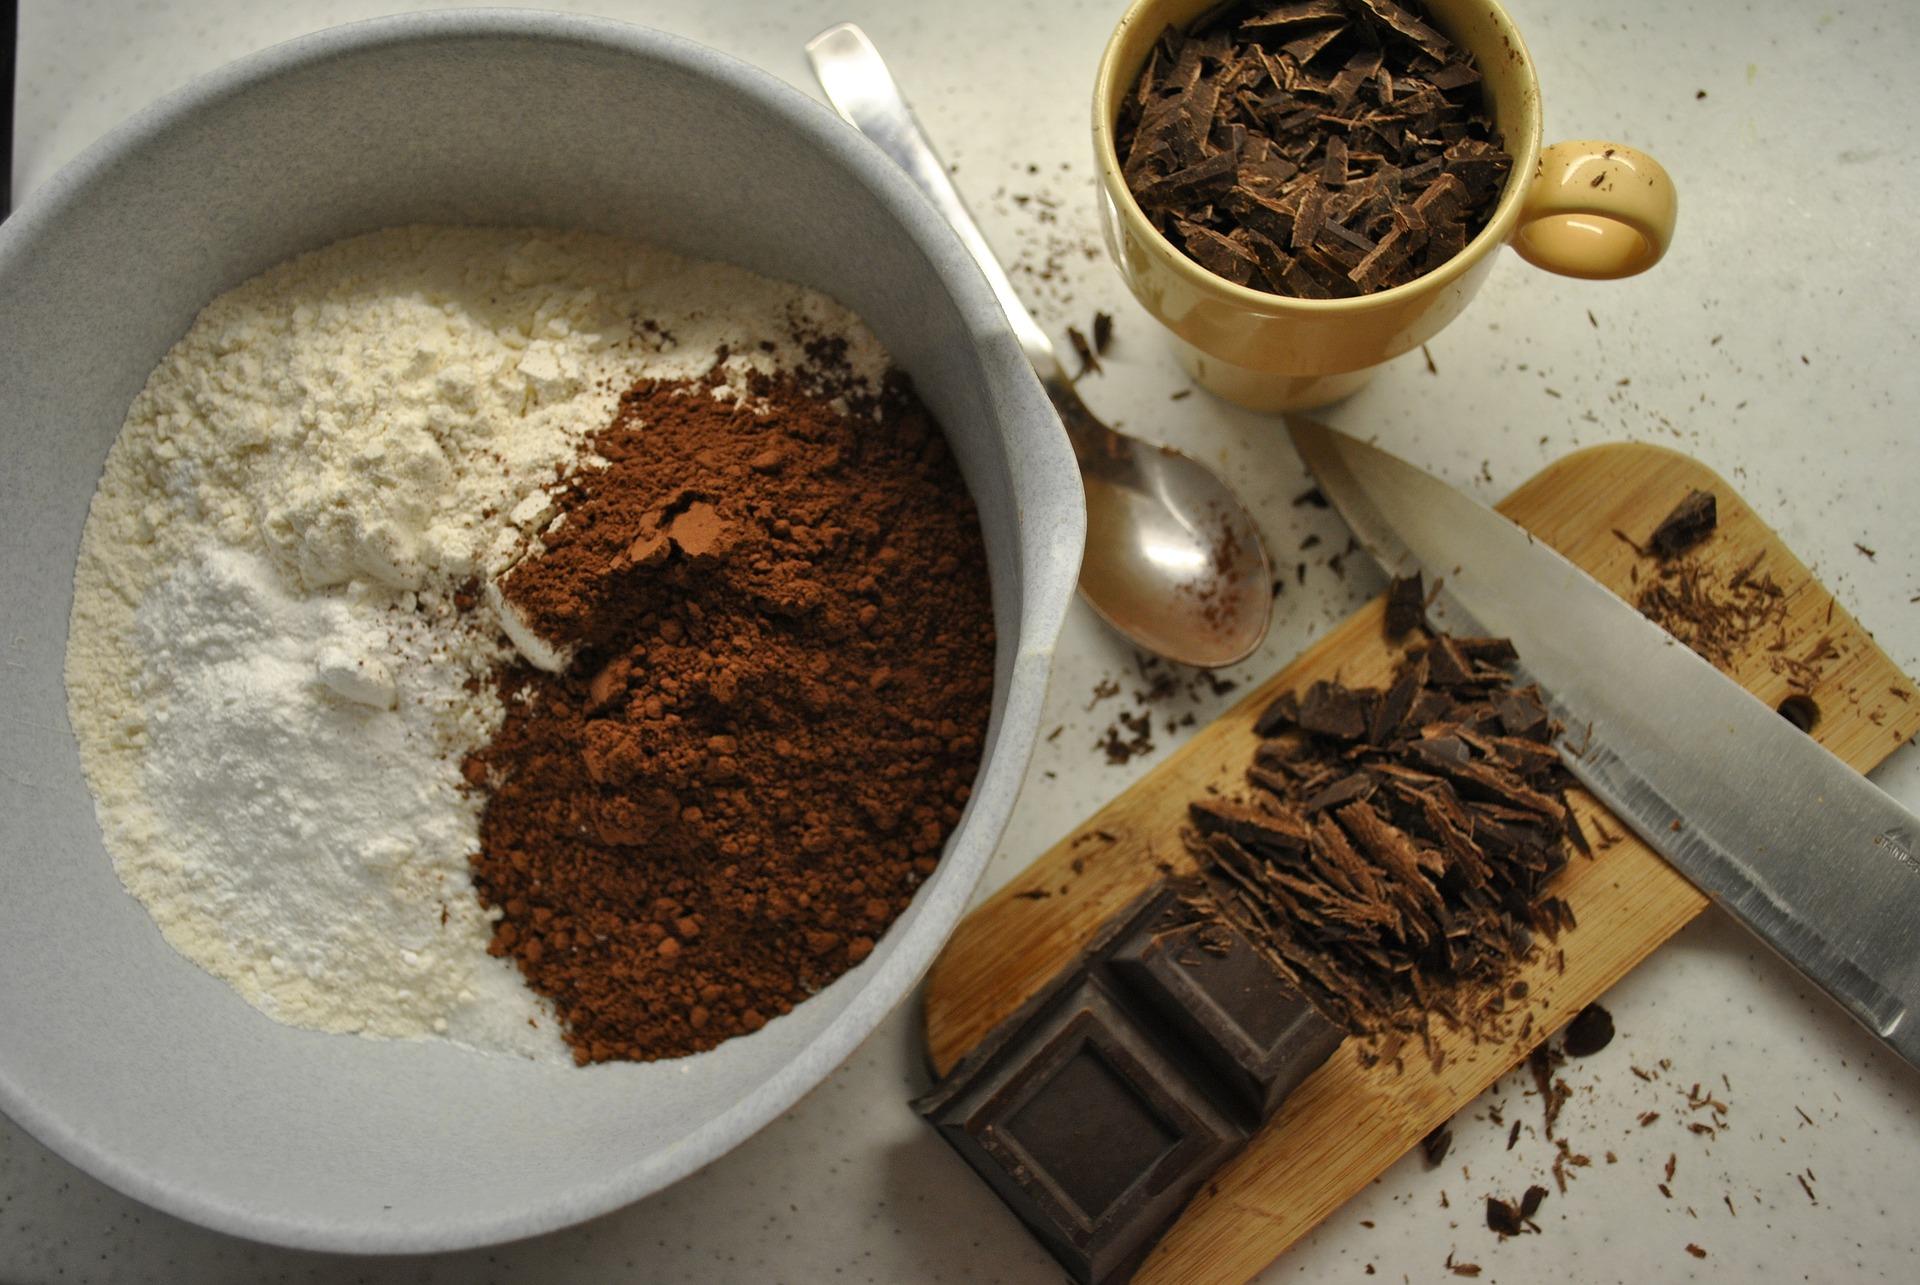 Come pulire le macchie di cacao fresche dalla tovaglia bianca